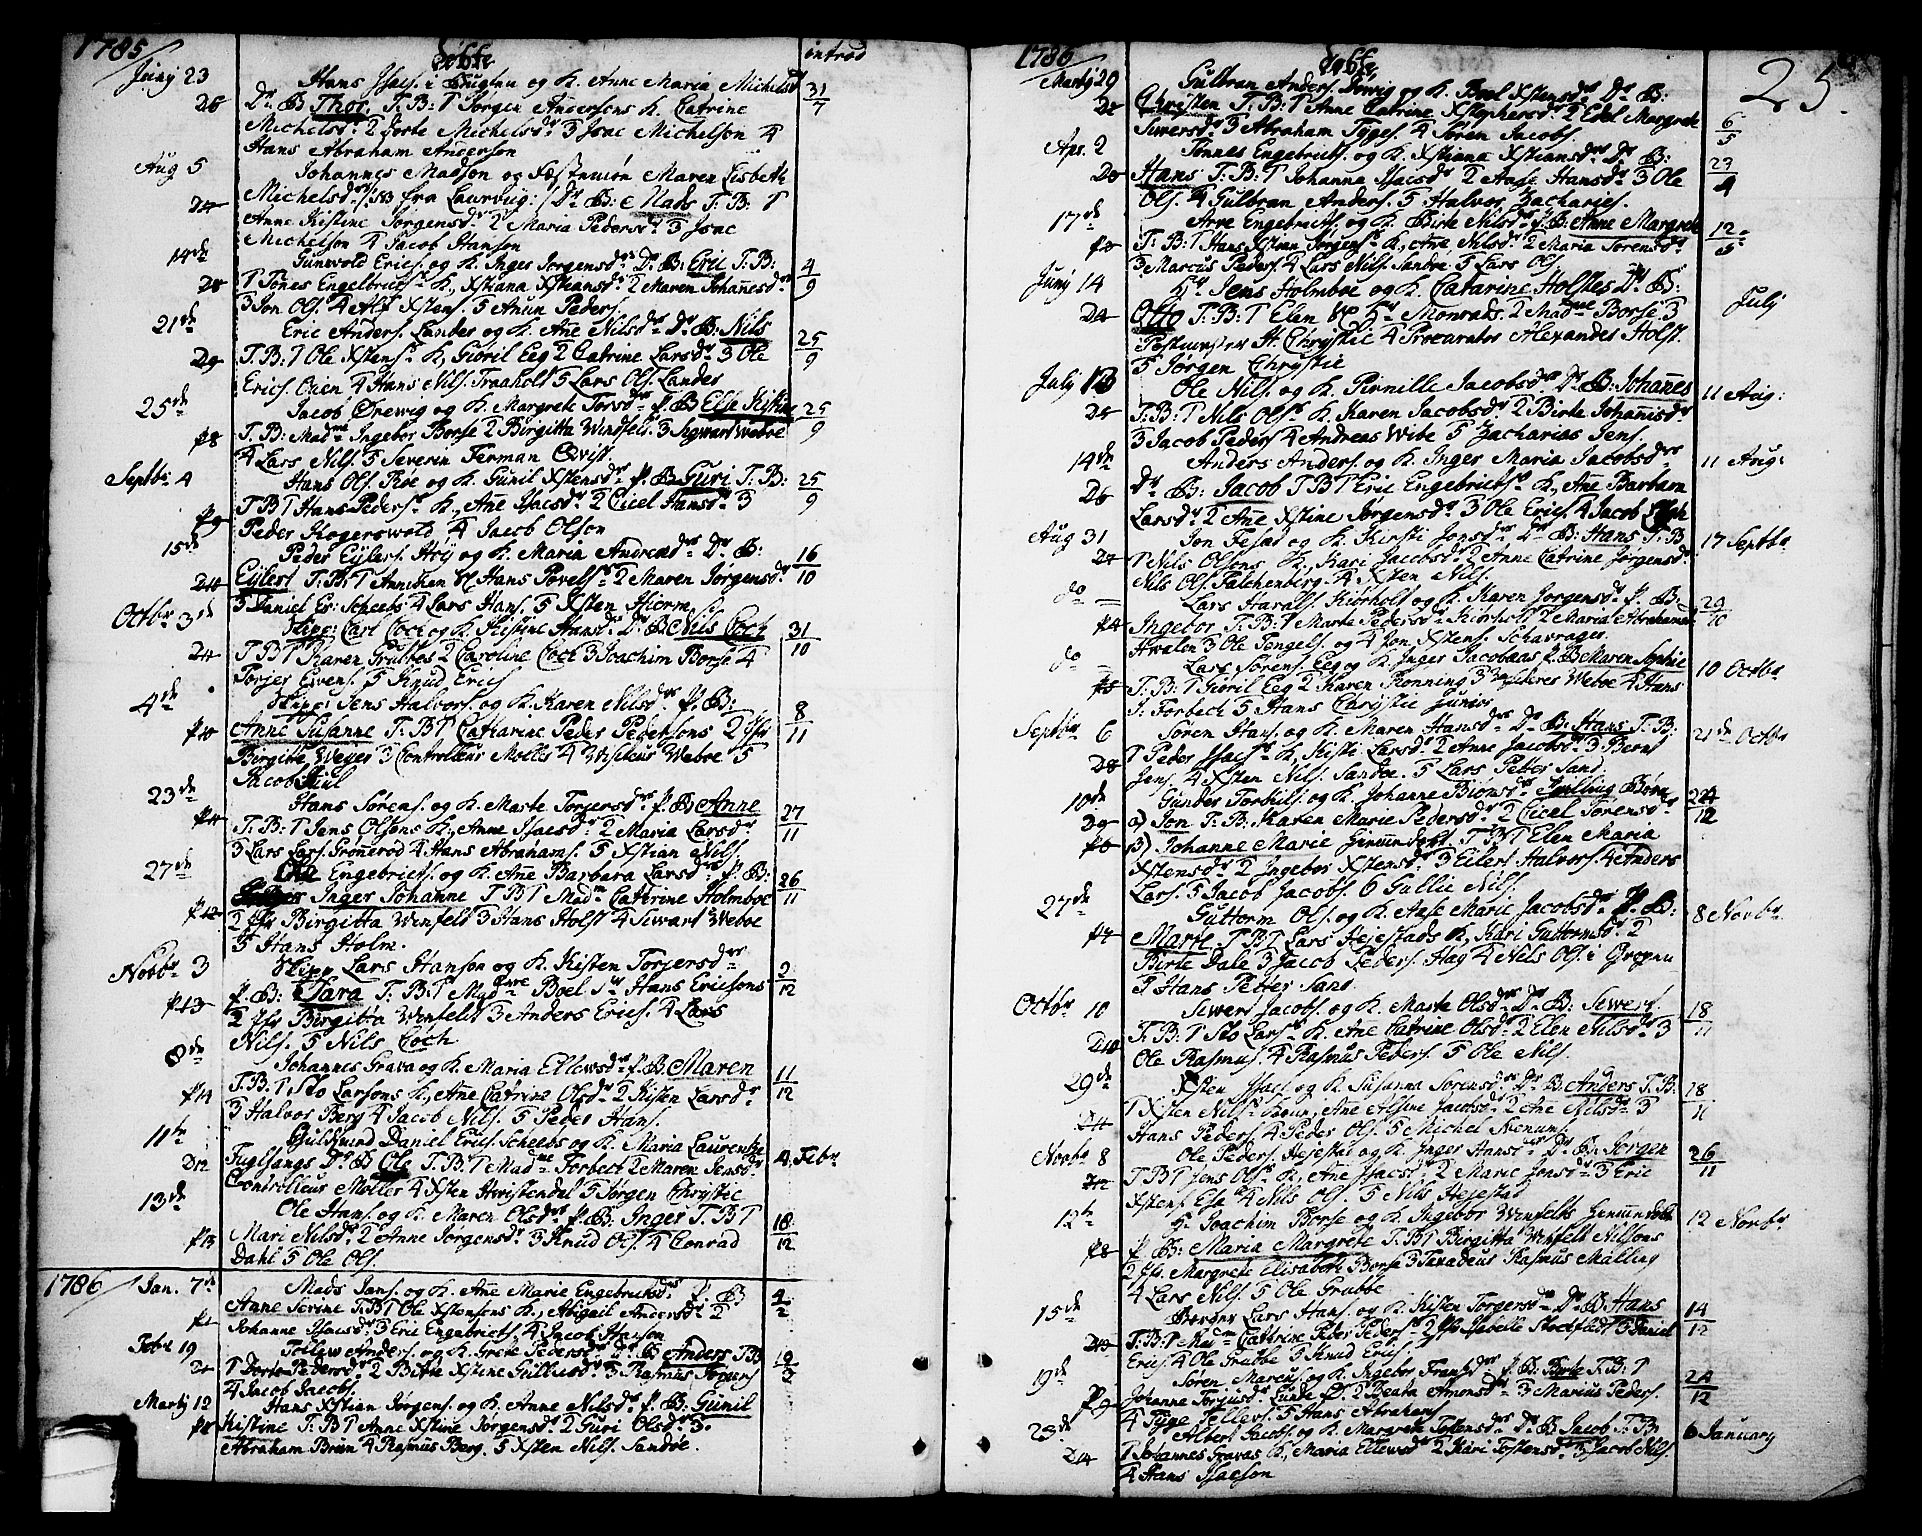 SAKO, Brevik kirkebøker, F/Fa/L0003: Ministerialbok nr. 3, 1764-1814, s. 25